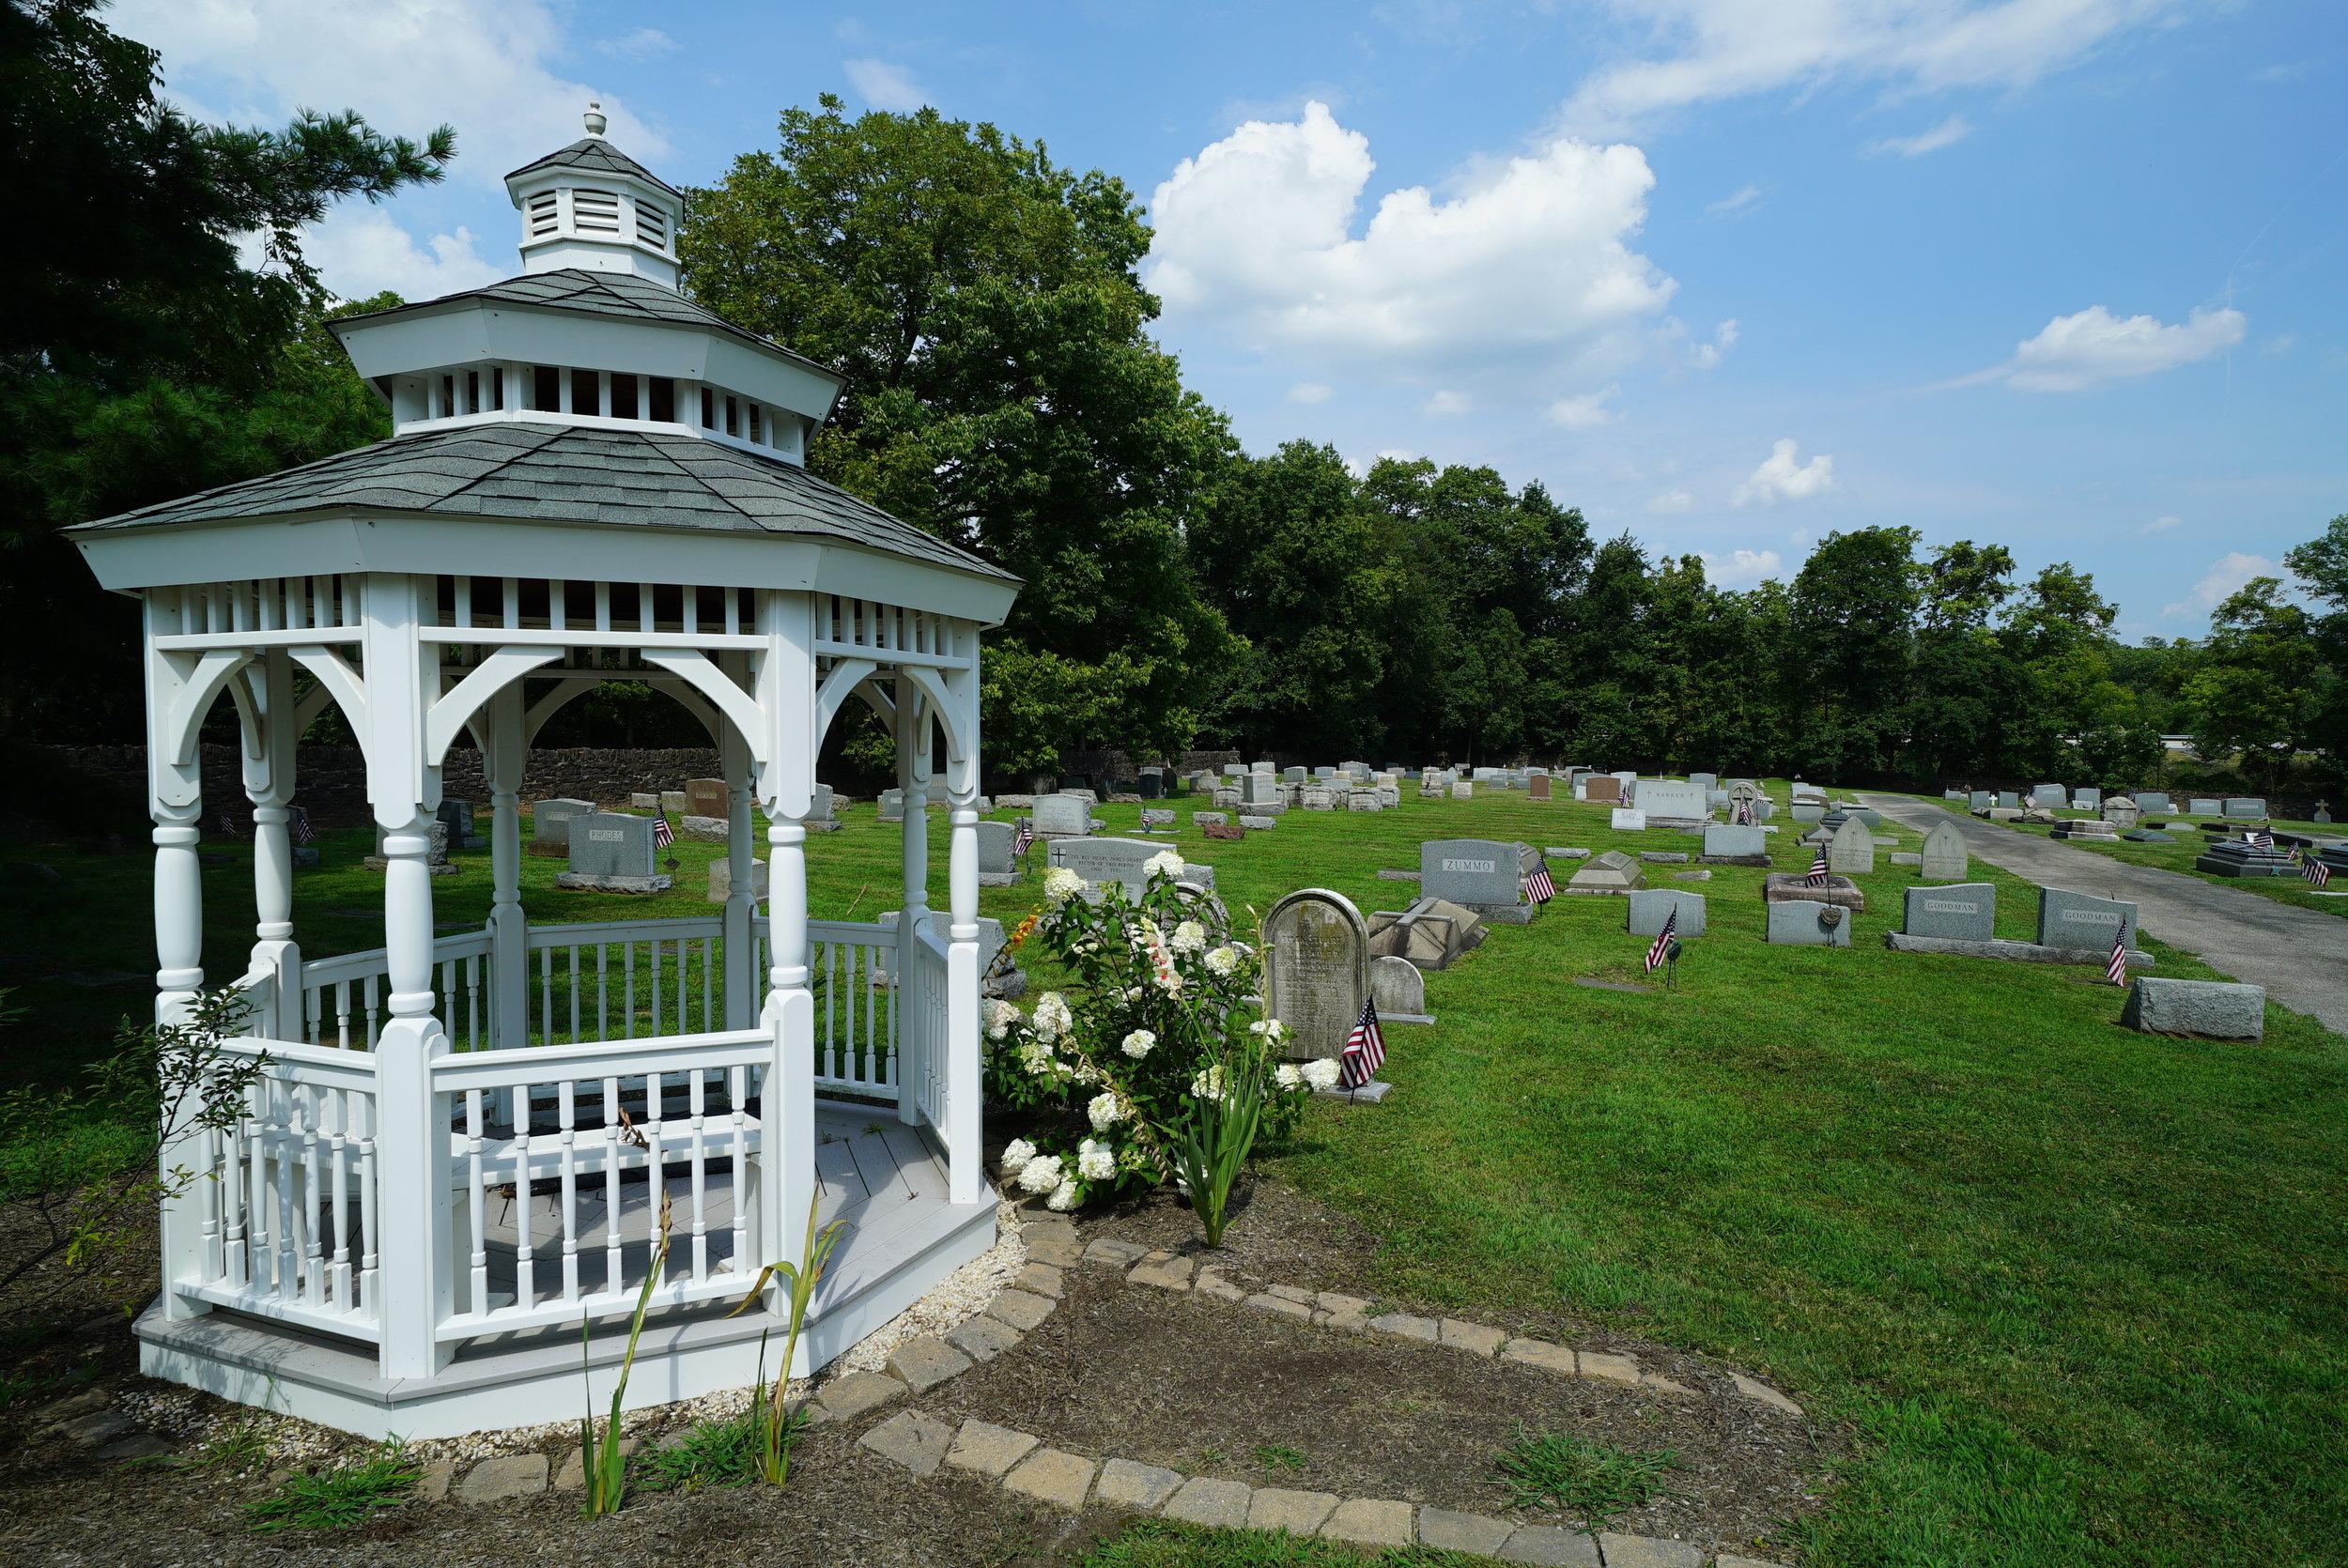 Behind the church. St. Paul's Episcopal Church Cemetery. Oaks, Pennsylvania.